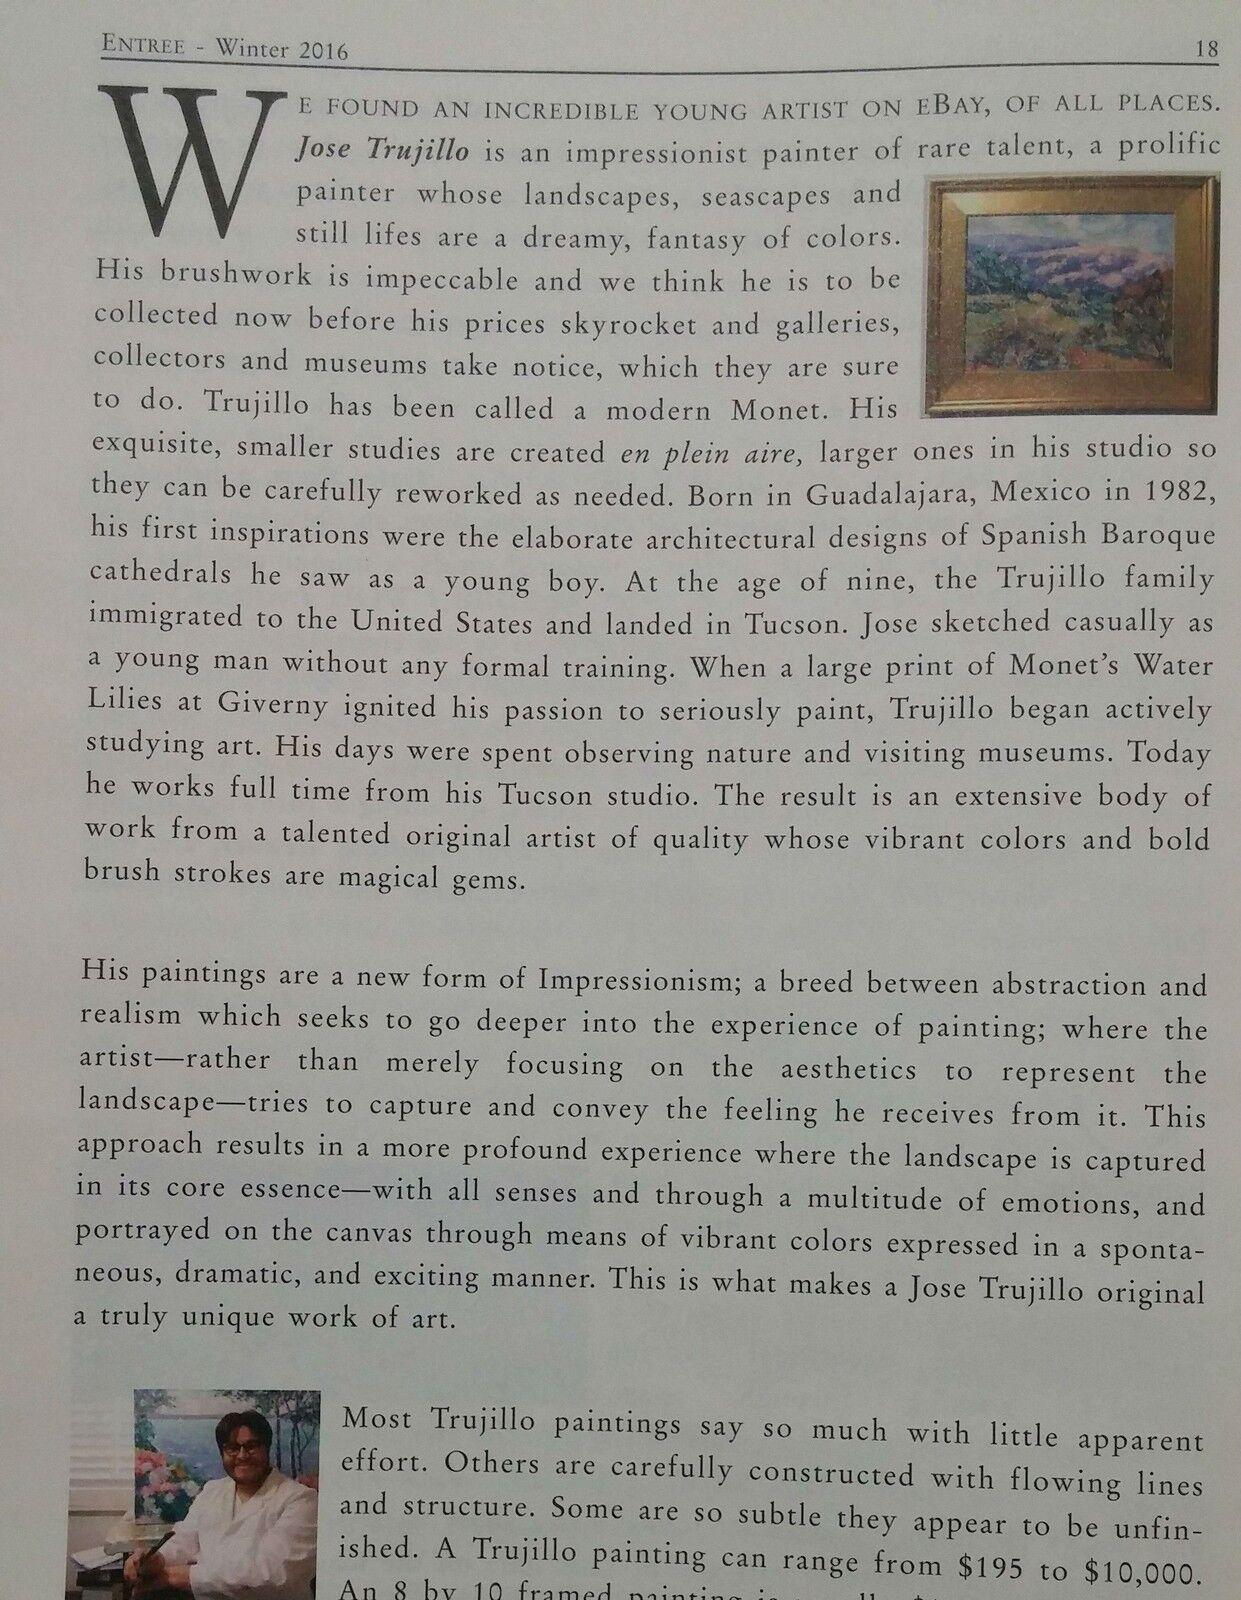 JOSE TRUJILLO OIL PAINTING 16X20 PORTRAIT EXPRESSIONIST IMPRESSIONISM MODERNIST - $329.00